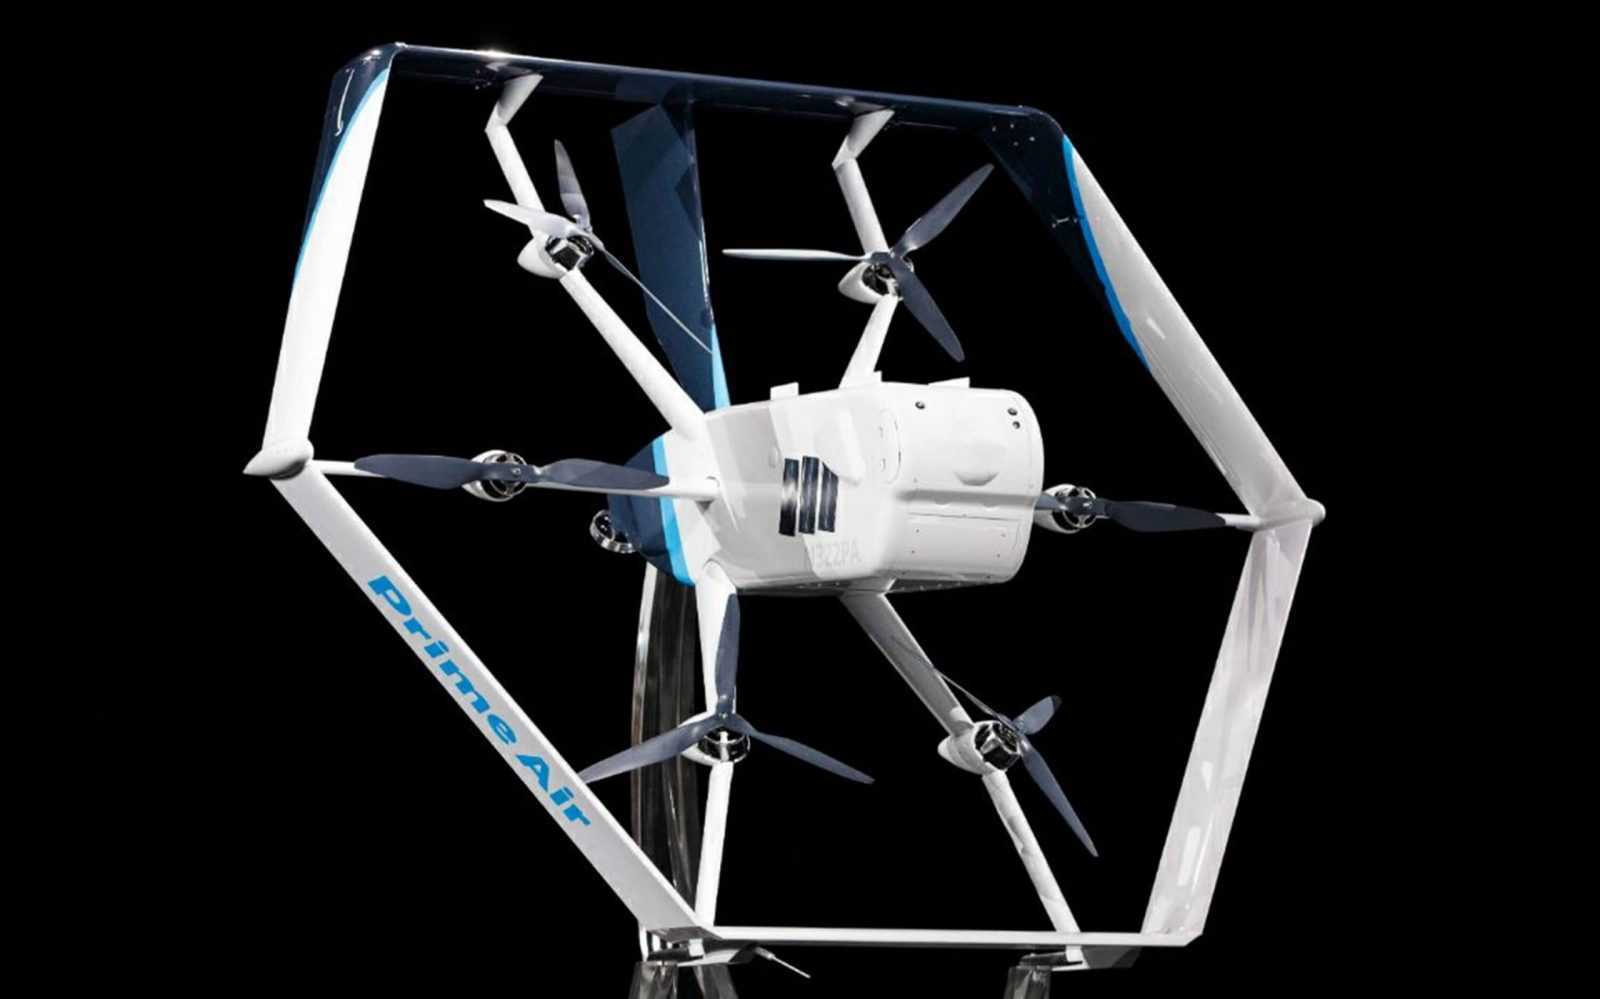 Kompānijas Amazon preču piegāde ar droniem